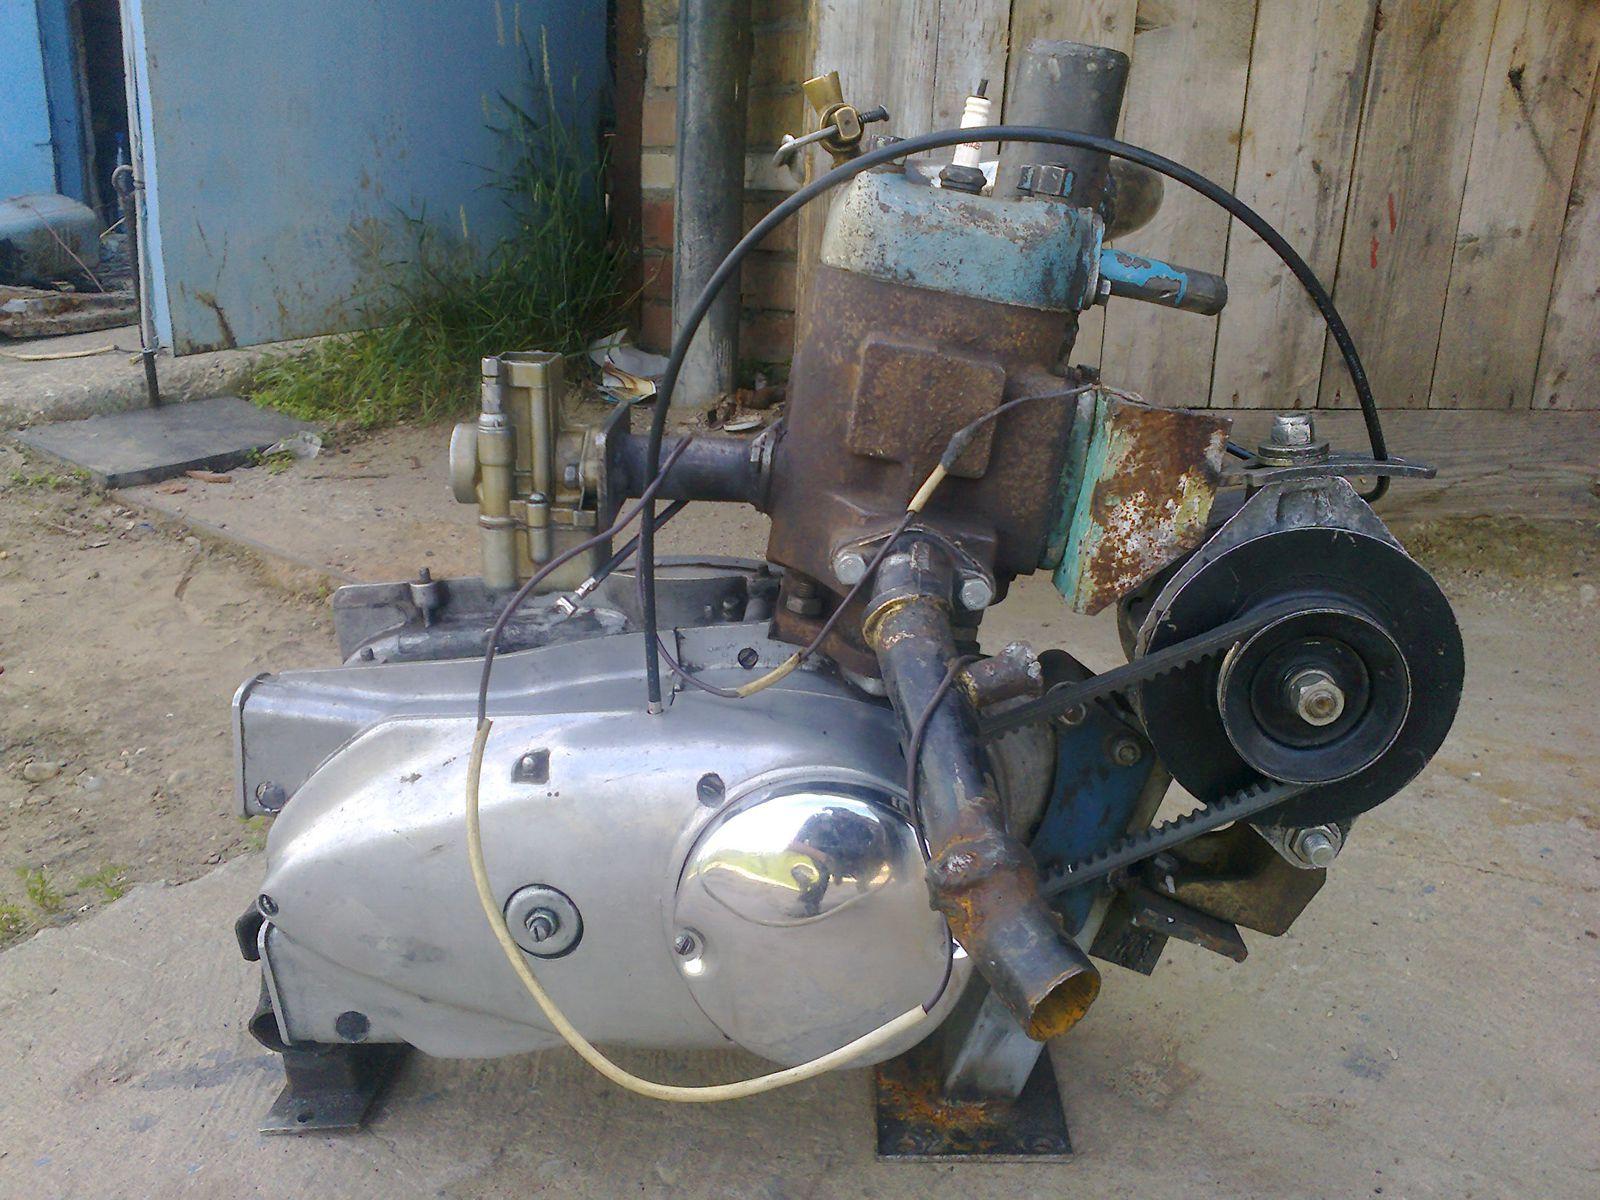 Мини трактор с двигателем от ИЖ Планета - Самодельный мини